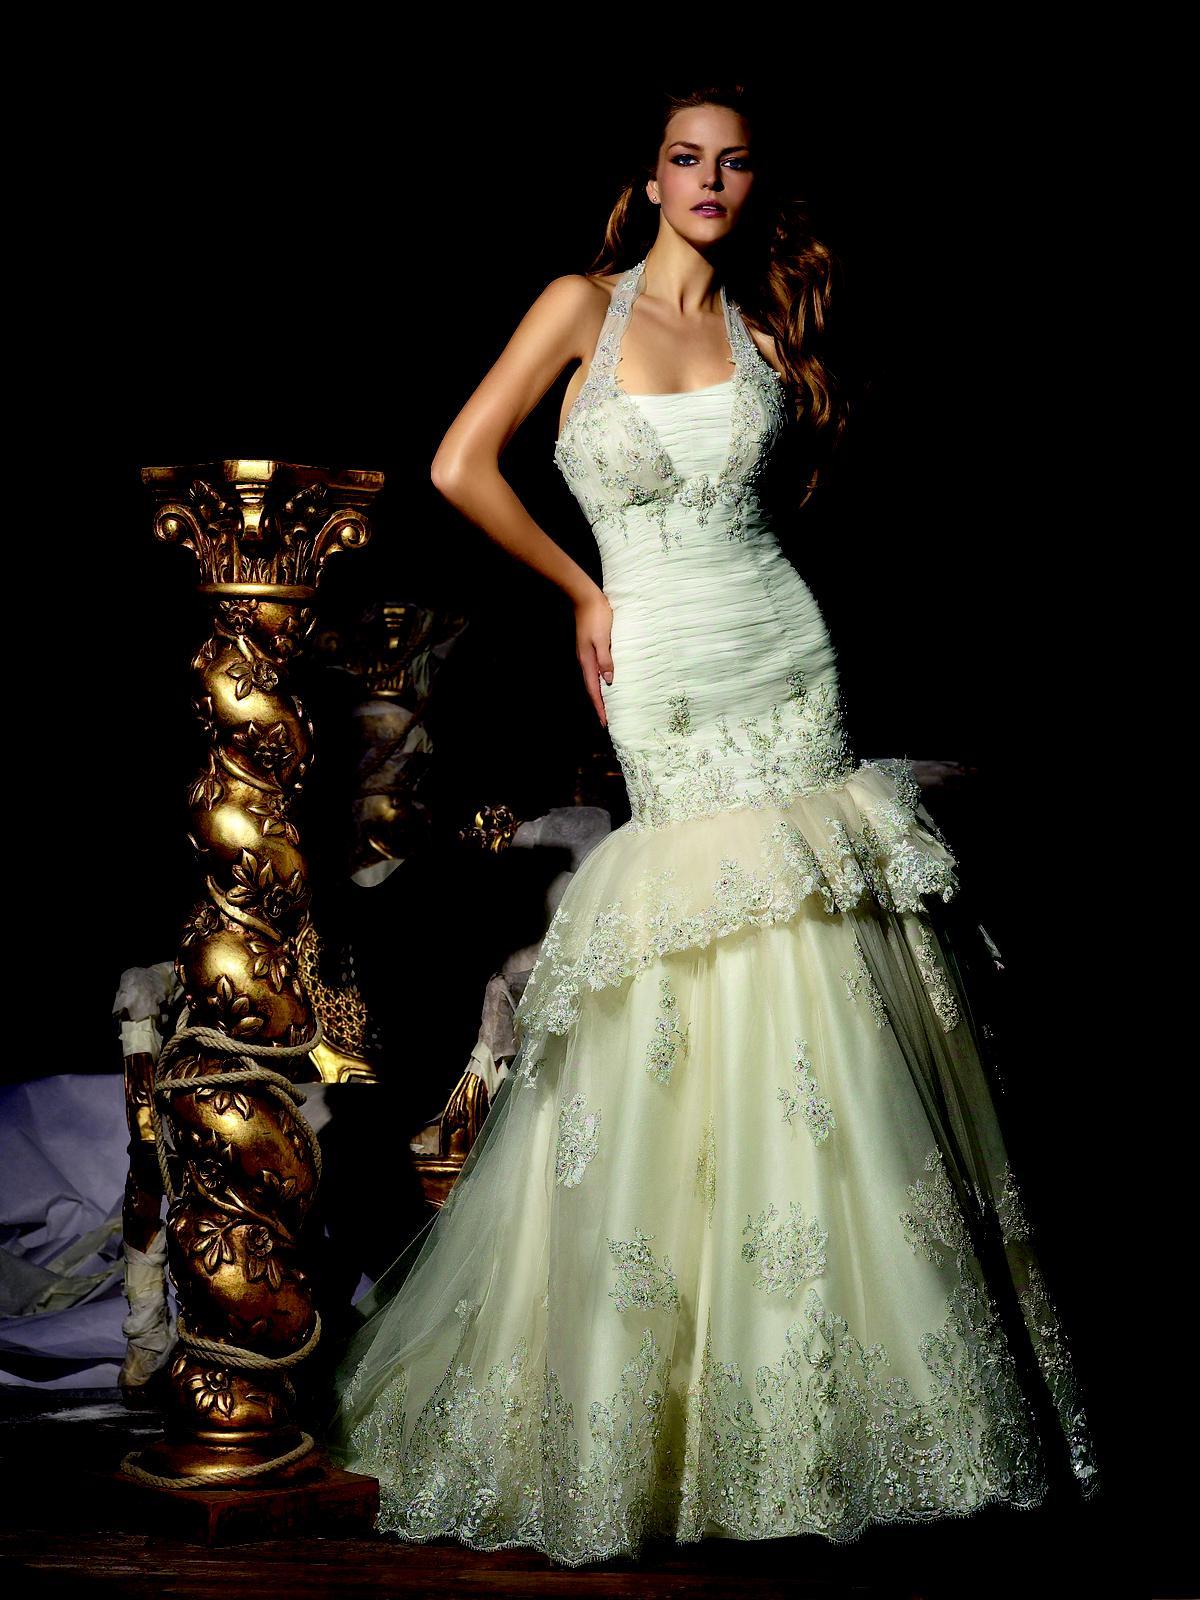 Svadobné šaty Maria Karin - model Salsa - Obrázok č. 1